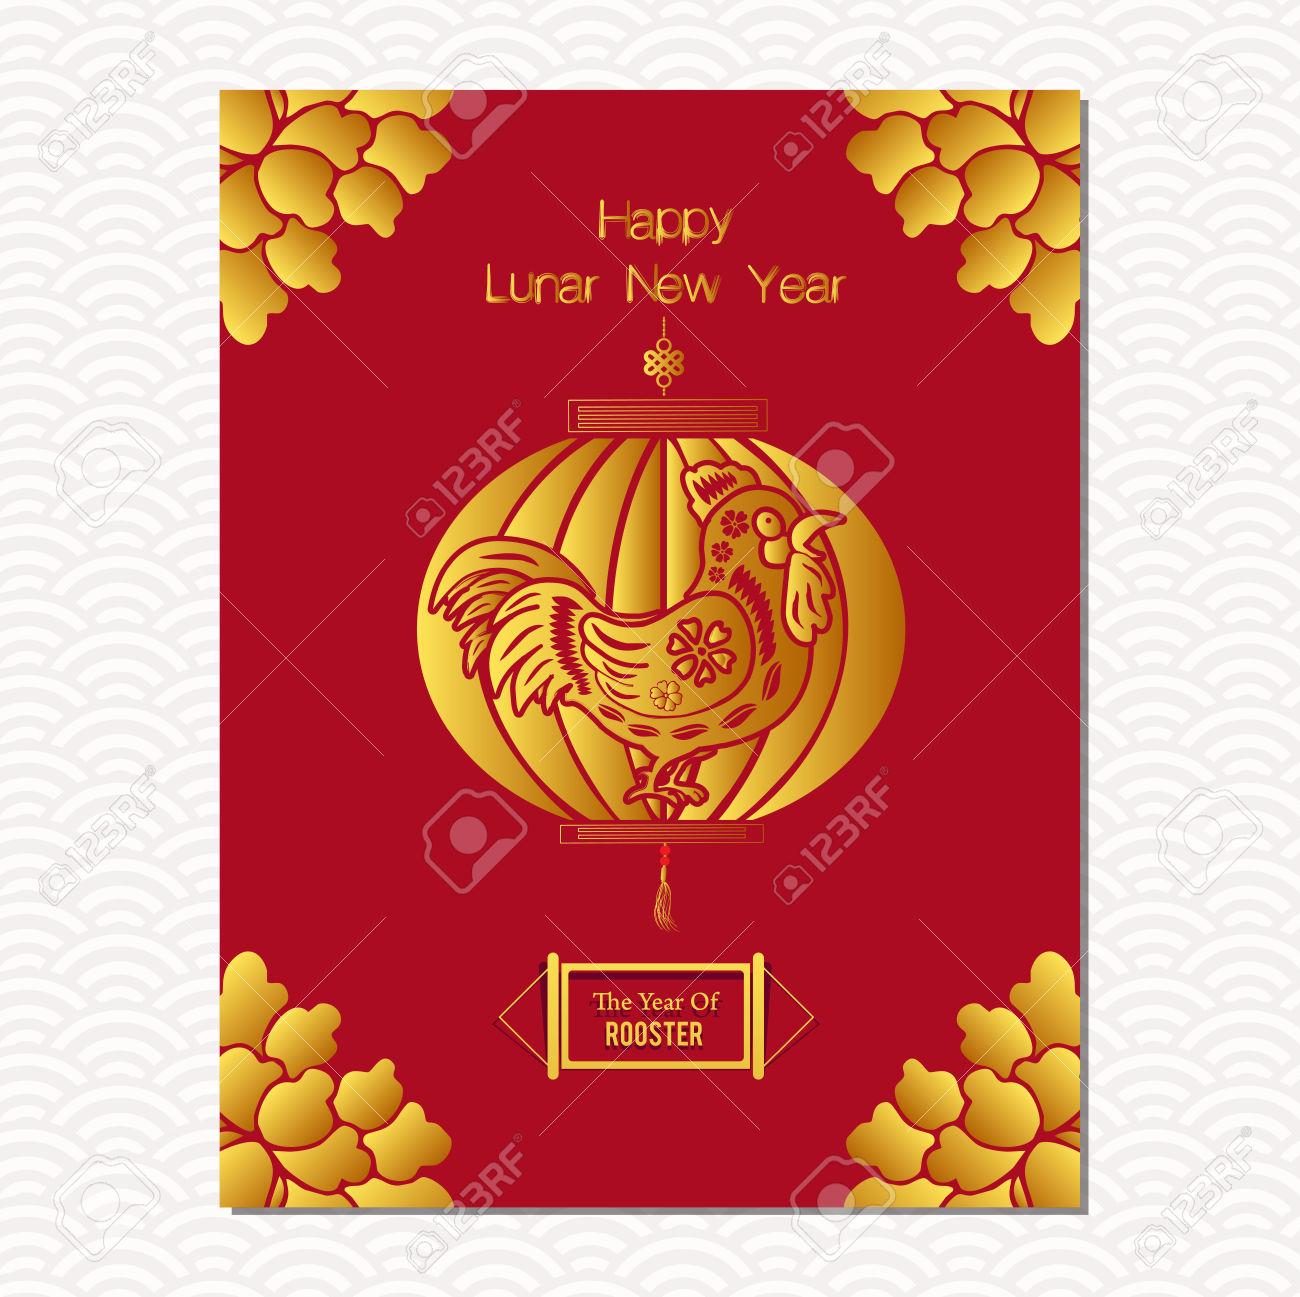 Plantilla De Diseño De La Venta Chino Año Nuevo. El Año Del Gallo.